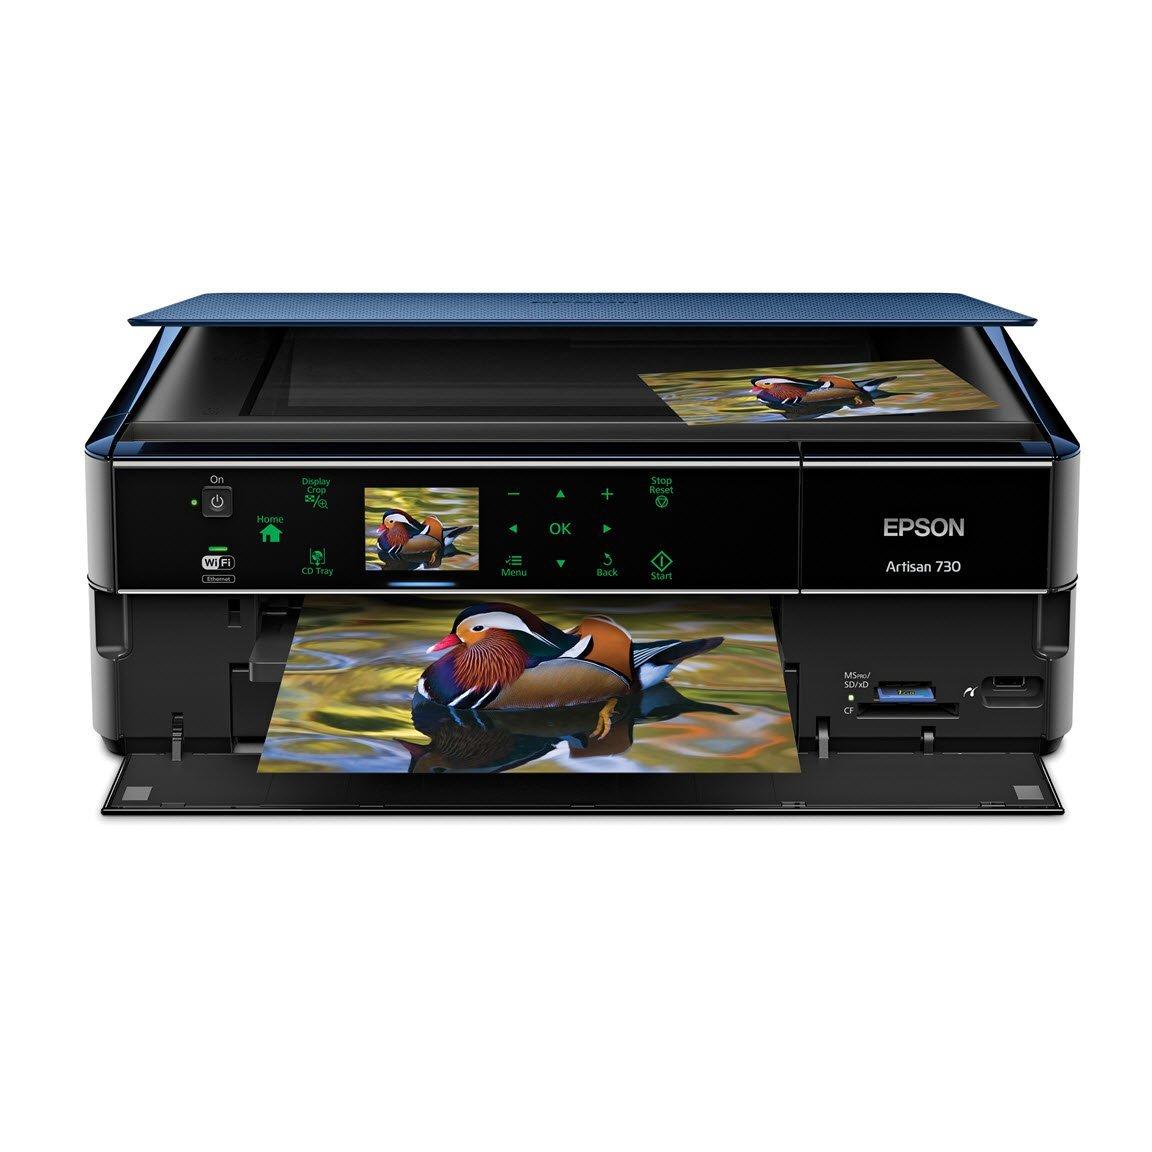 https://thetechjournal.com/wp-content/uploads/images/1111/1322650369-epson-artisan-730-color-inkjet-wireless-allinone-printer-14.jpg